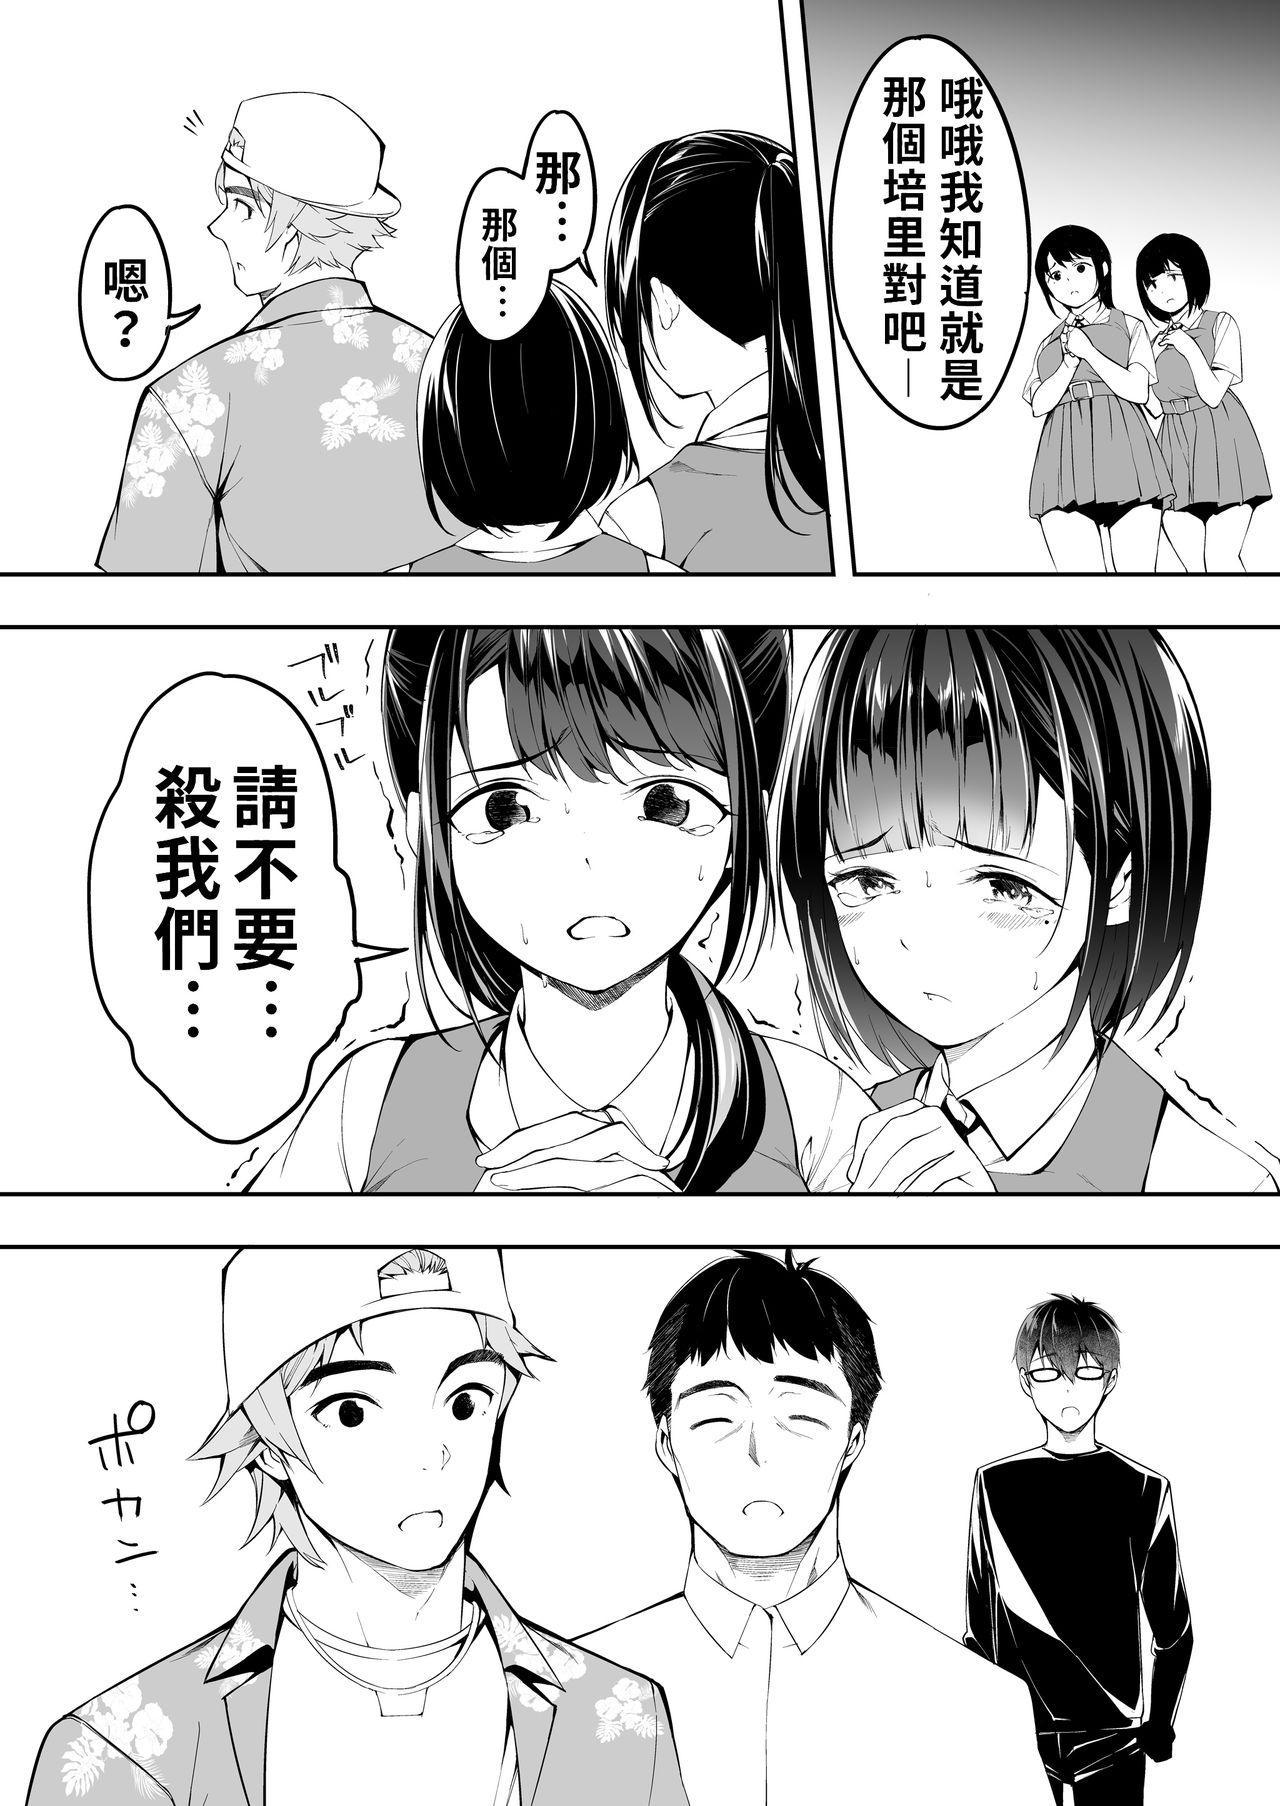 Panpan Travelers Hakata Shuudan Rape Ryokou | 吃飯兼炒飯TRAVELERS~博多集團強●旅行 55